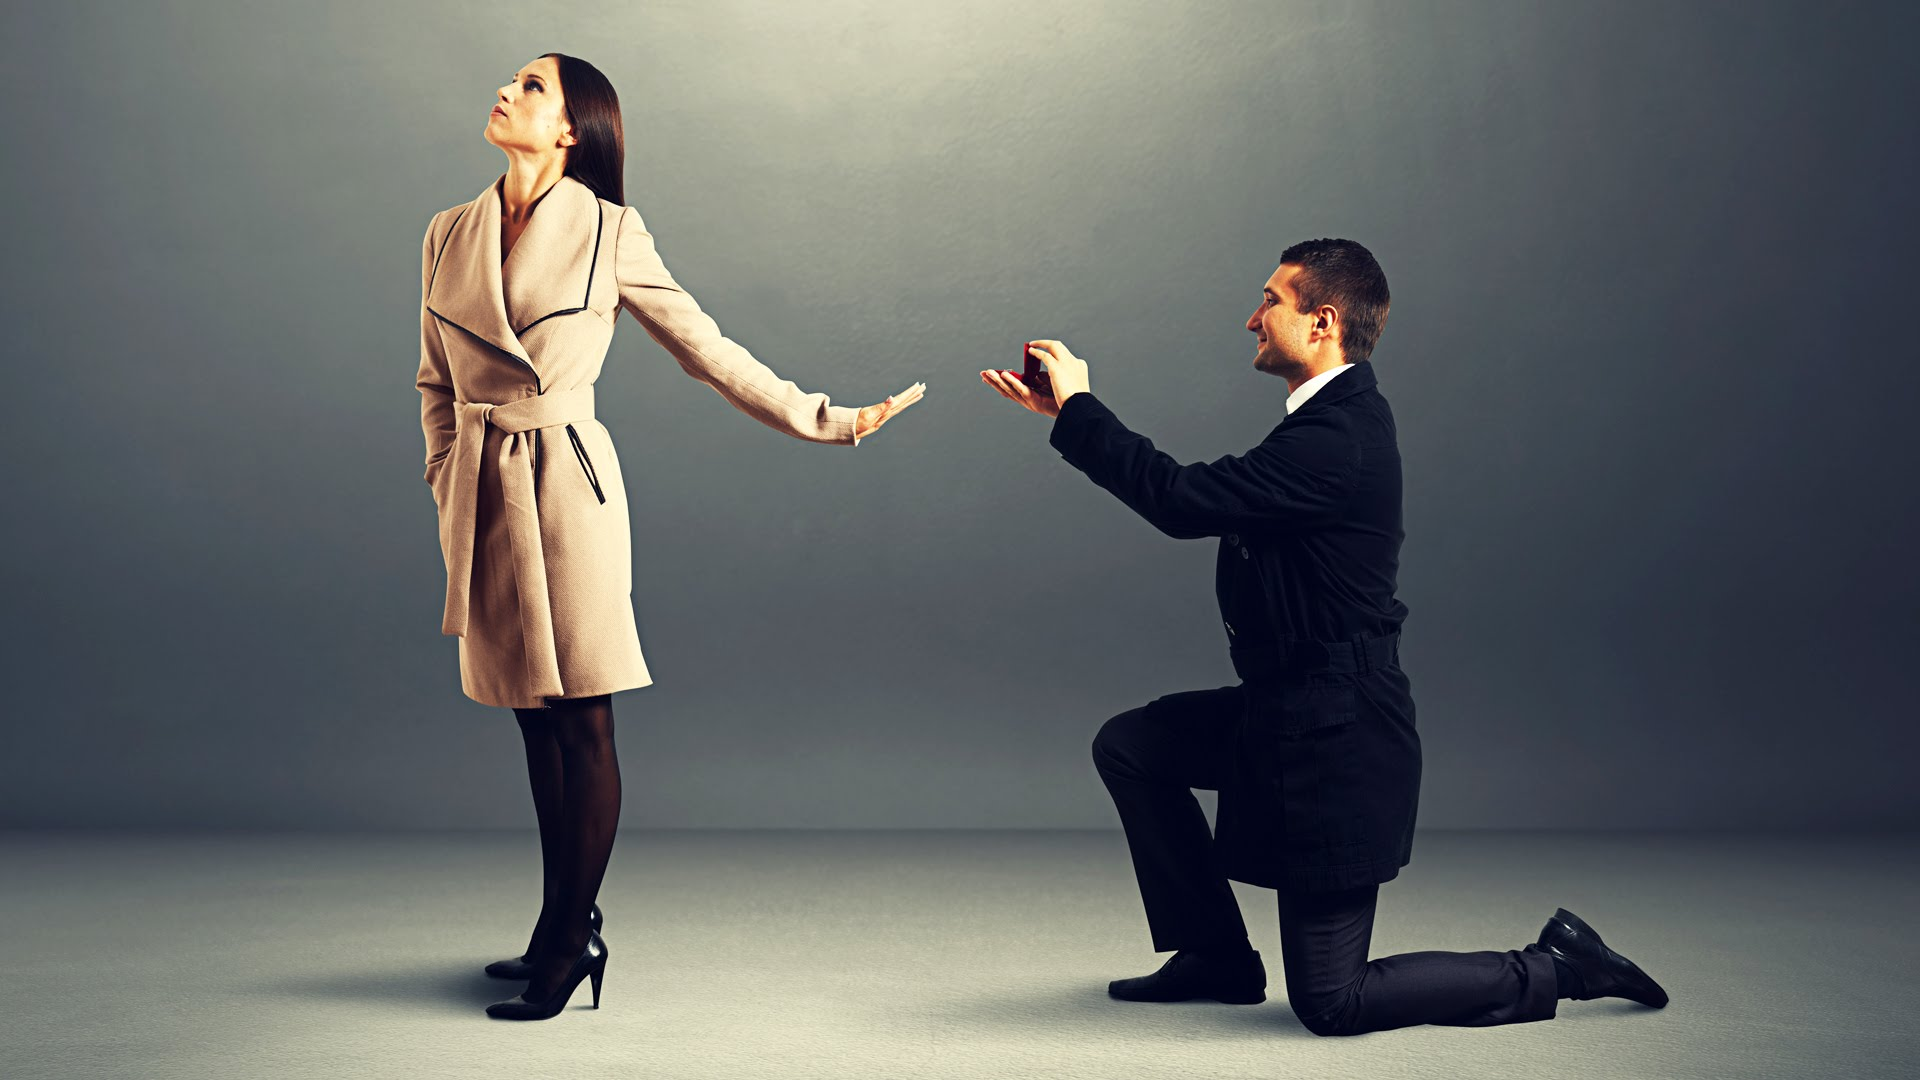 Γιατί μερικοί τύποι θέλουν μόνο να κάνουν σεξ